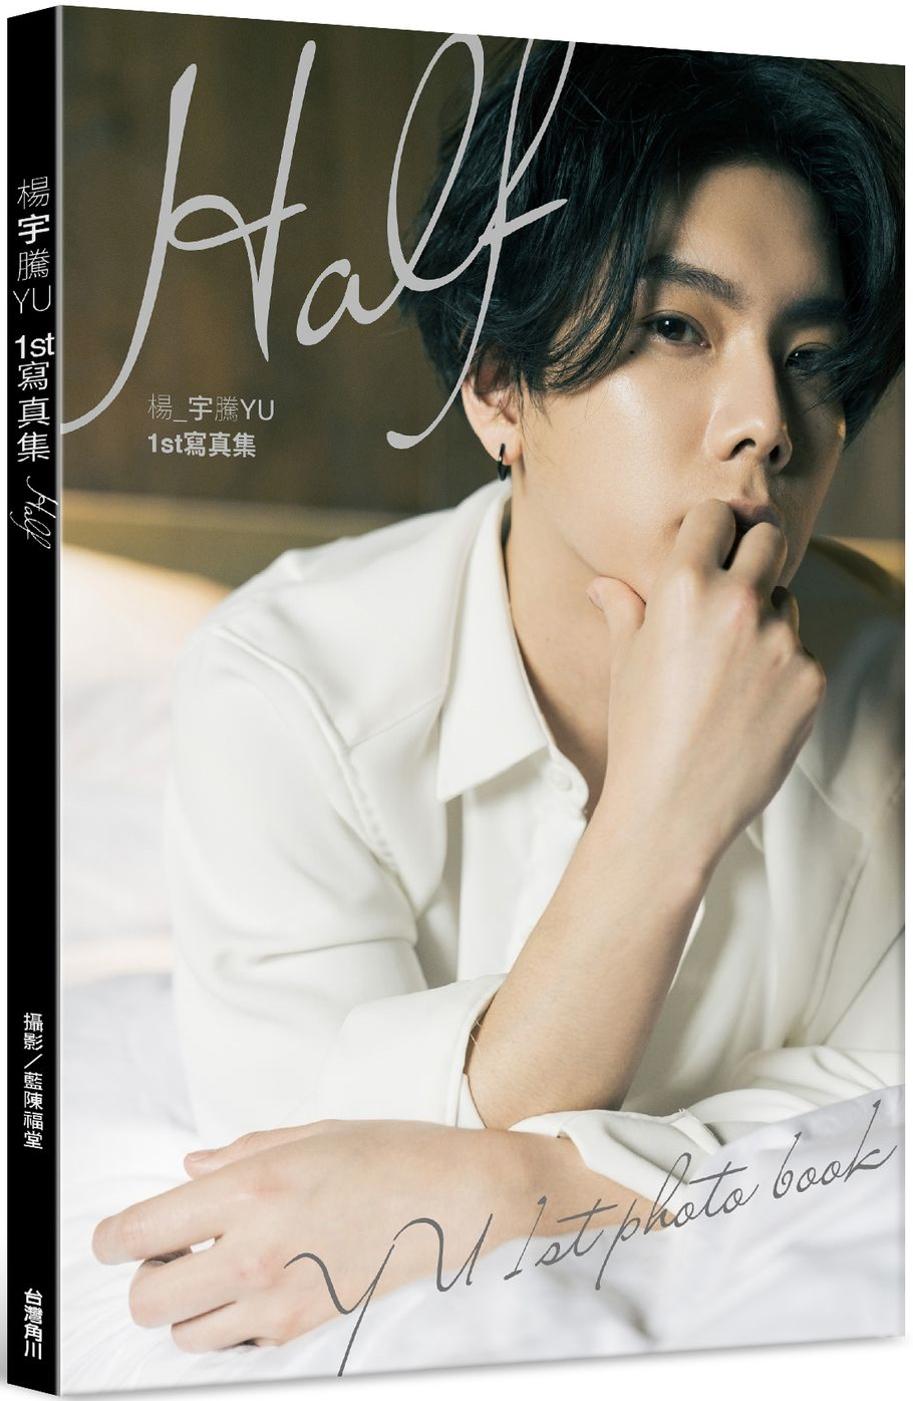 楊宇騰YU 1st寫真集:Ha...